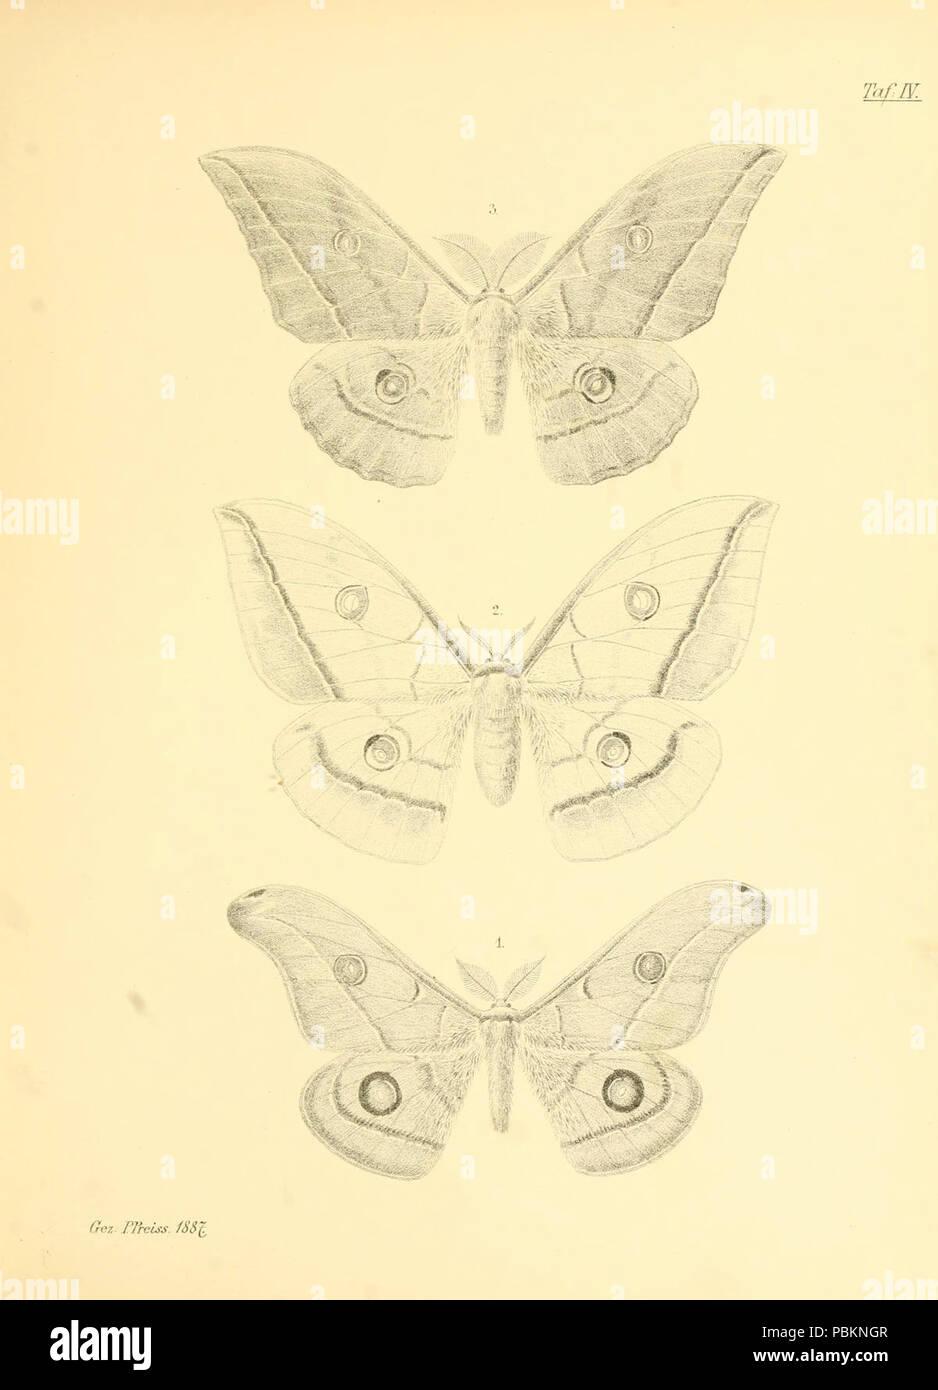 Abbildungen hervorragender Nachtschmetterlinge aus dem indo-australischen und südamerikanischen Faunengebiet (Taf. IV) - Stock Image